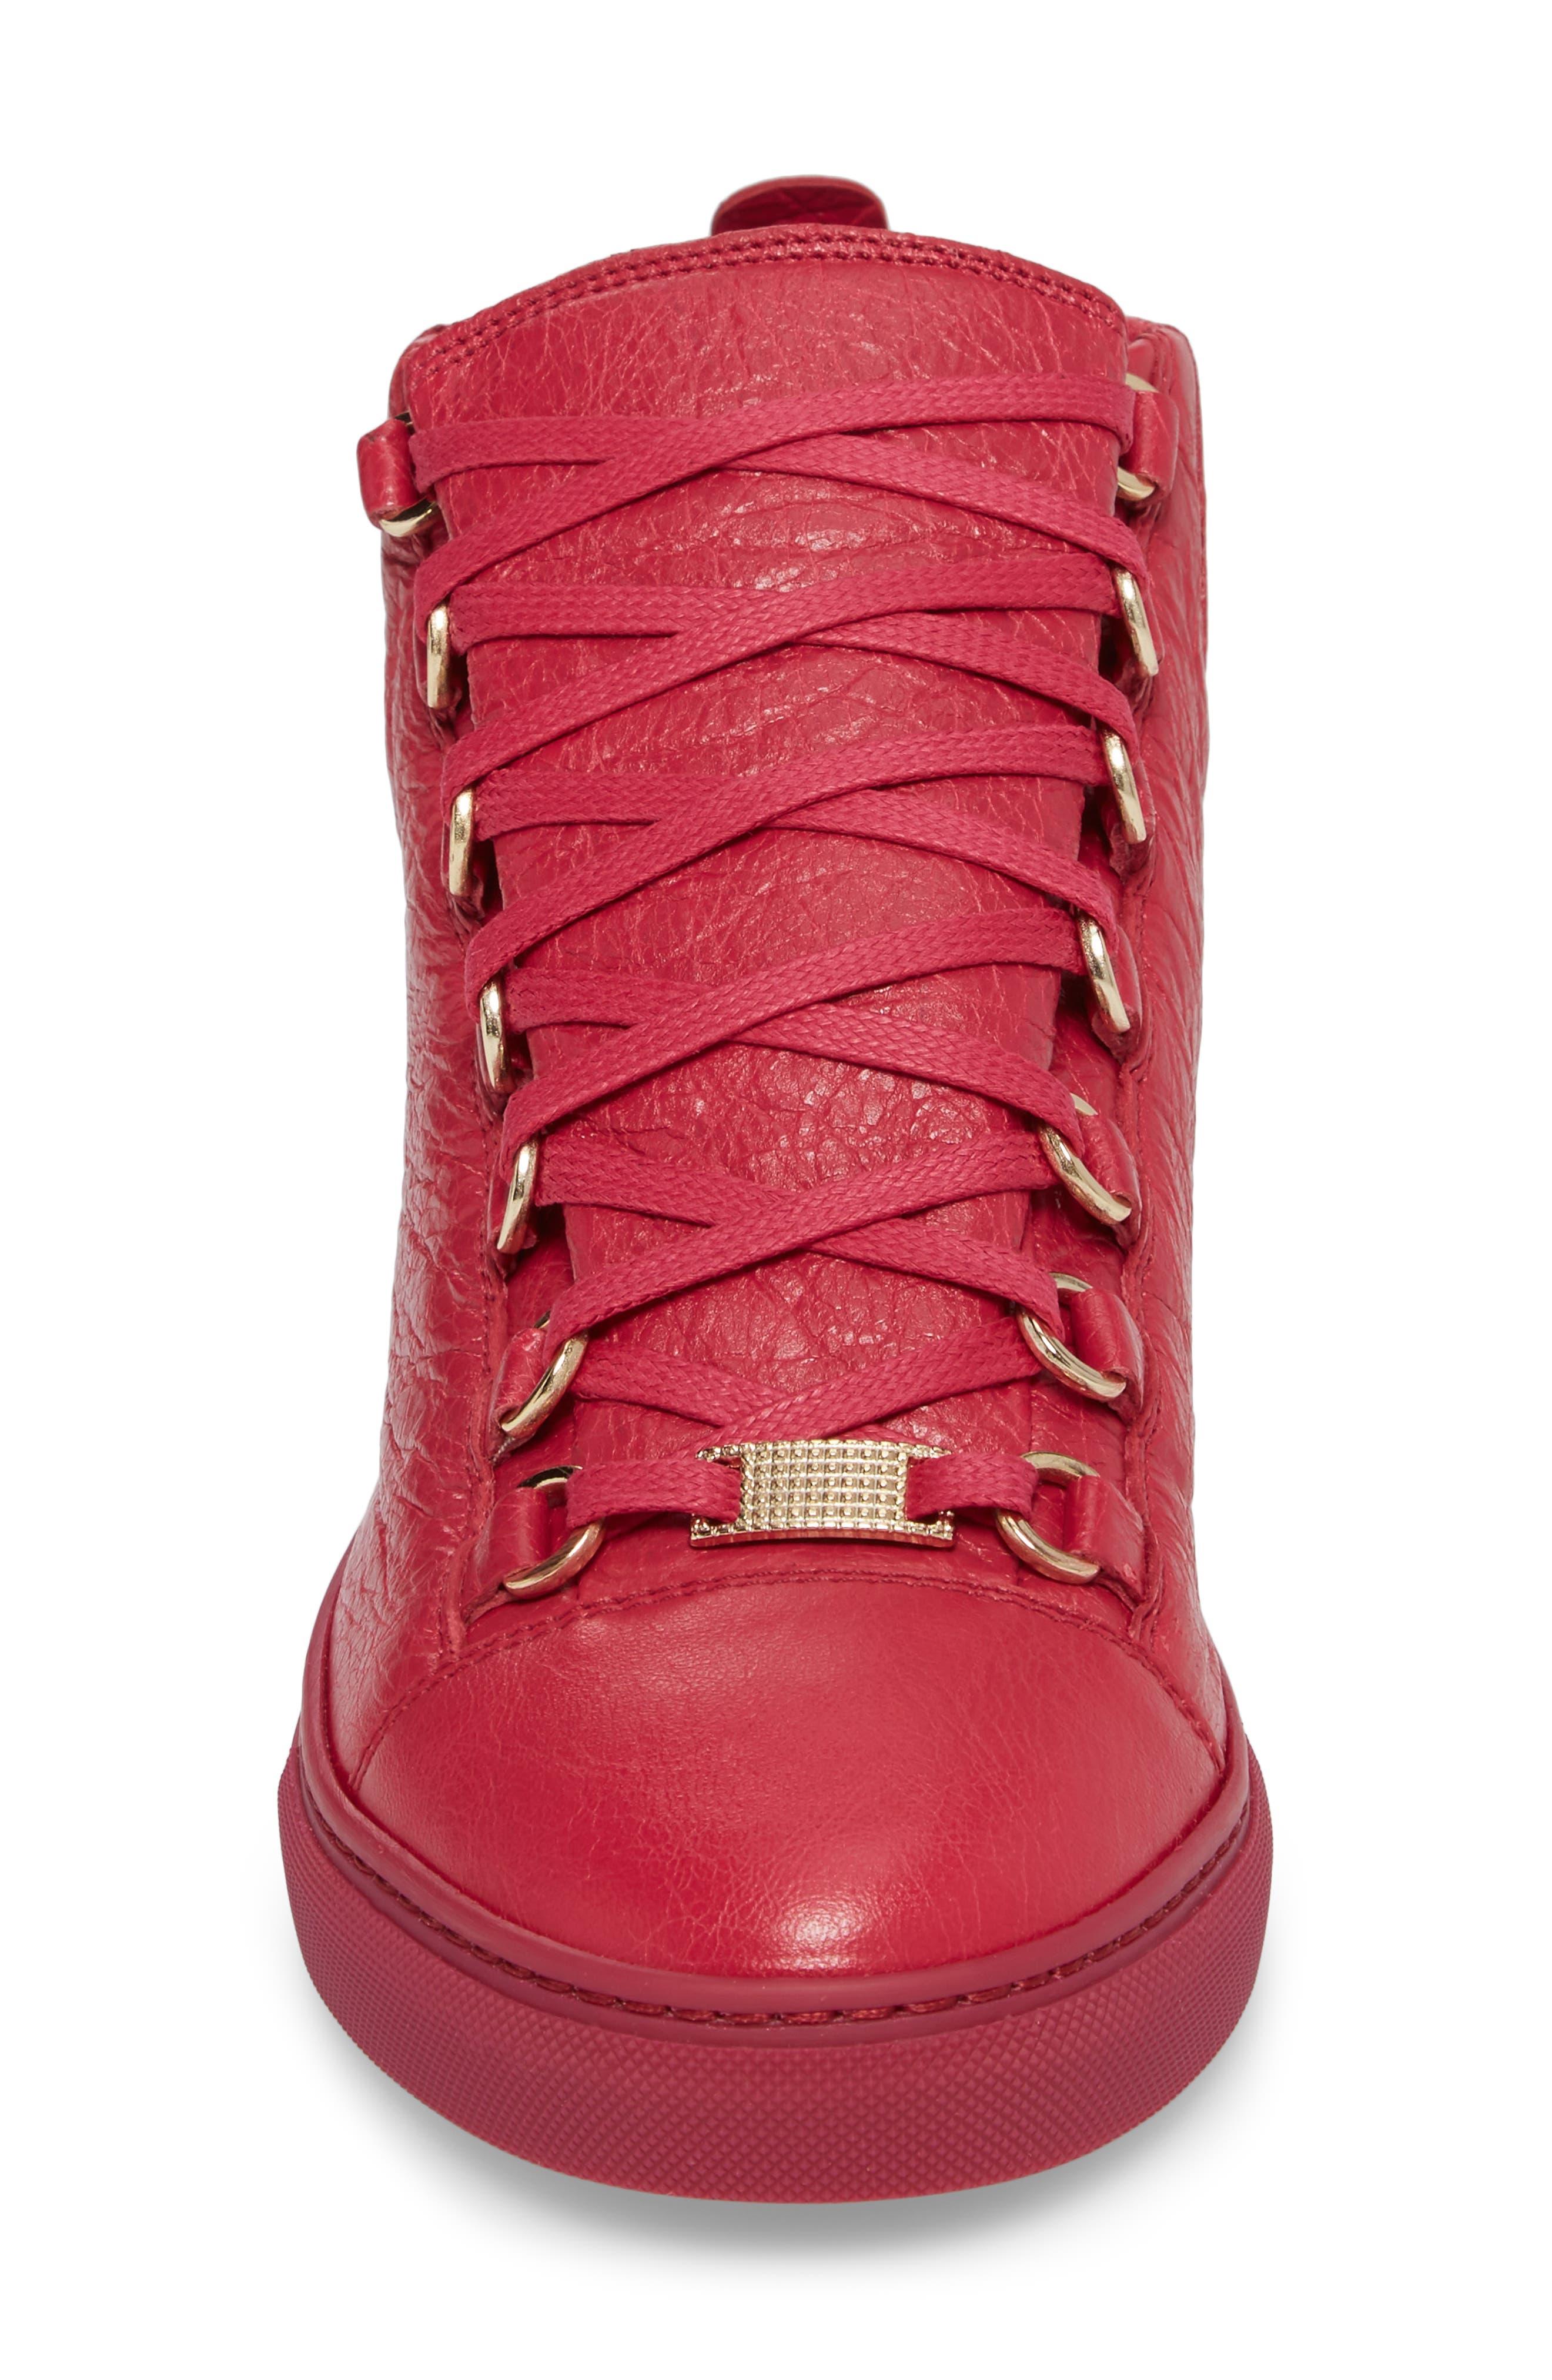 BALENCIAGA,                             High Top Sneaker,                             Alternate thumbnail 4, color,                             600